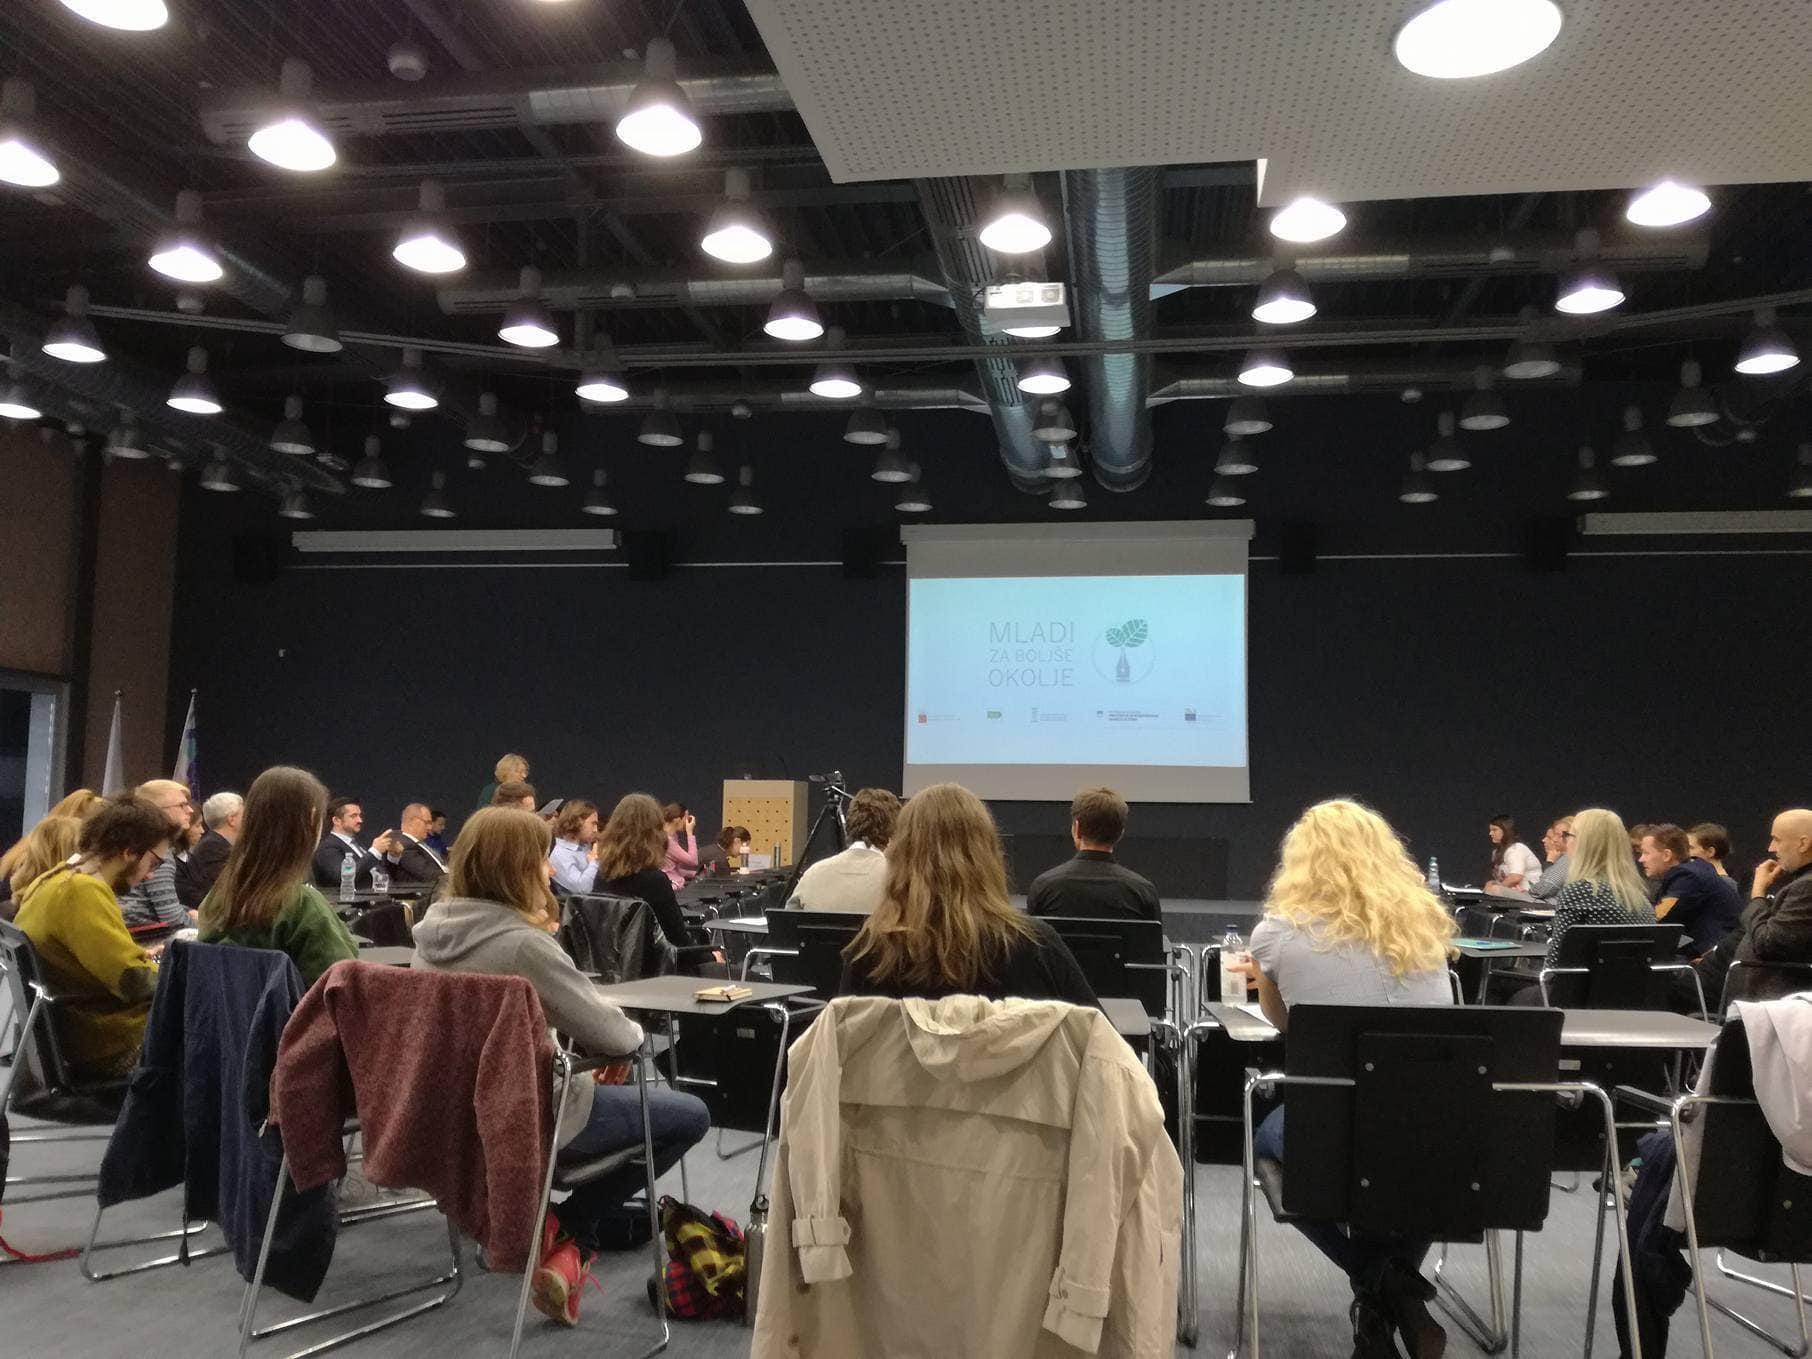 Mladi za boljše okolje: študentski simpozij